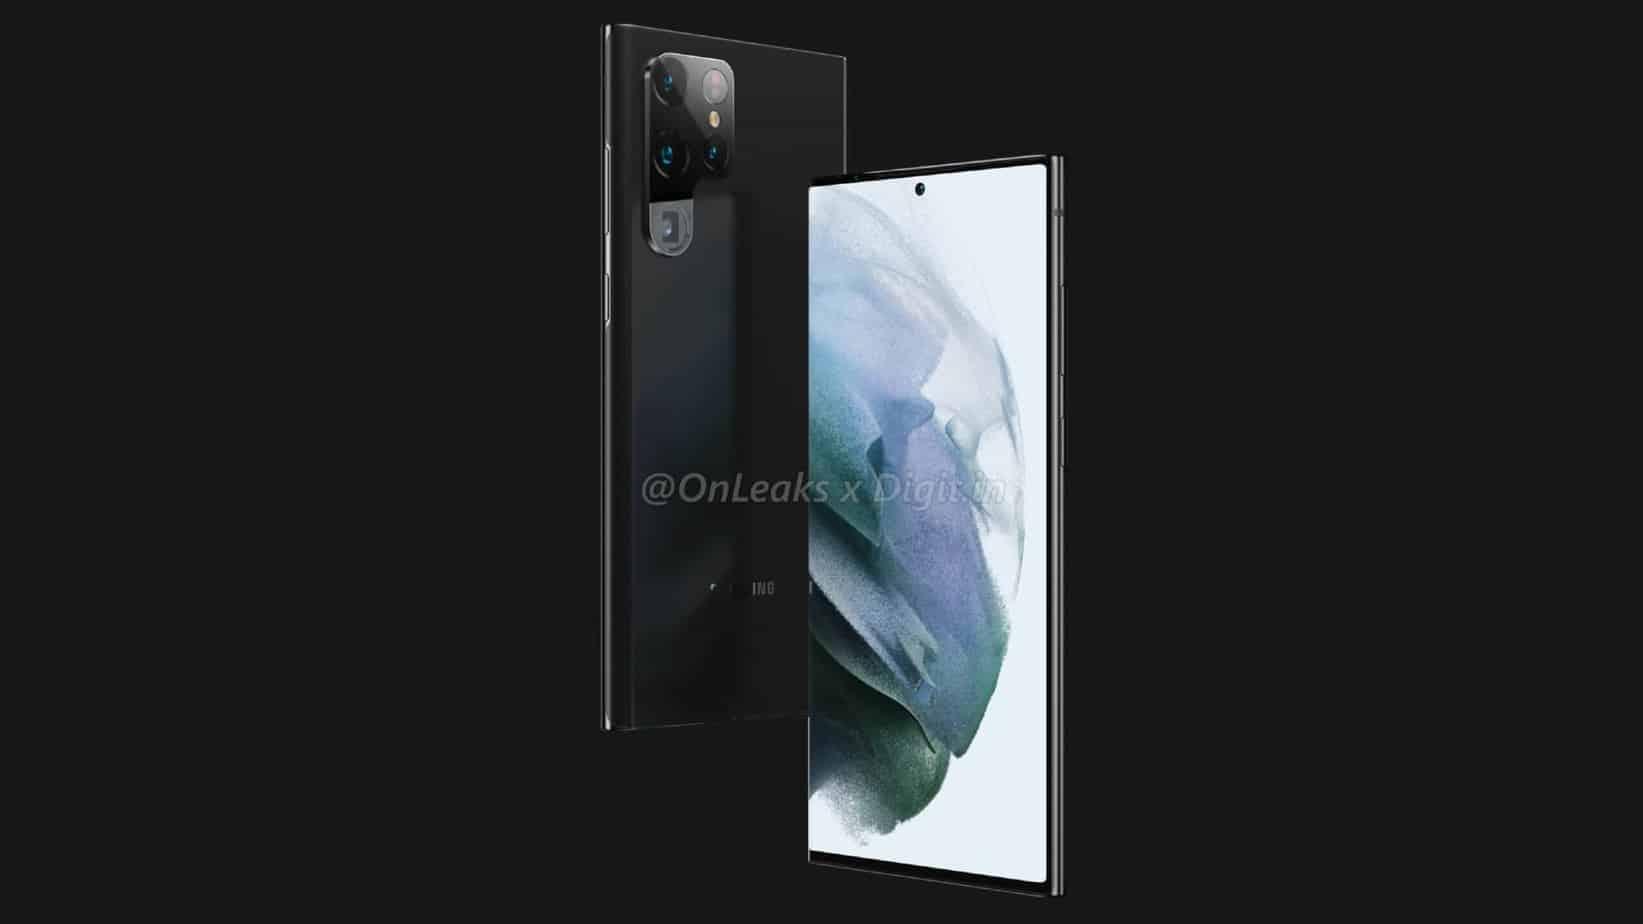 Selon les pronostics de Onleaks, le Galaxy S22 Ultra reprendrait le design du Galaxy Note.